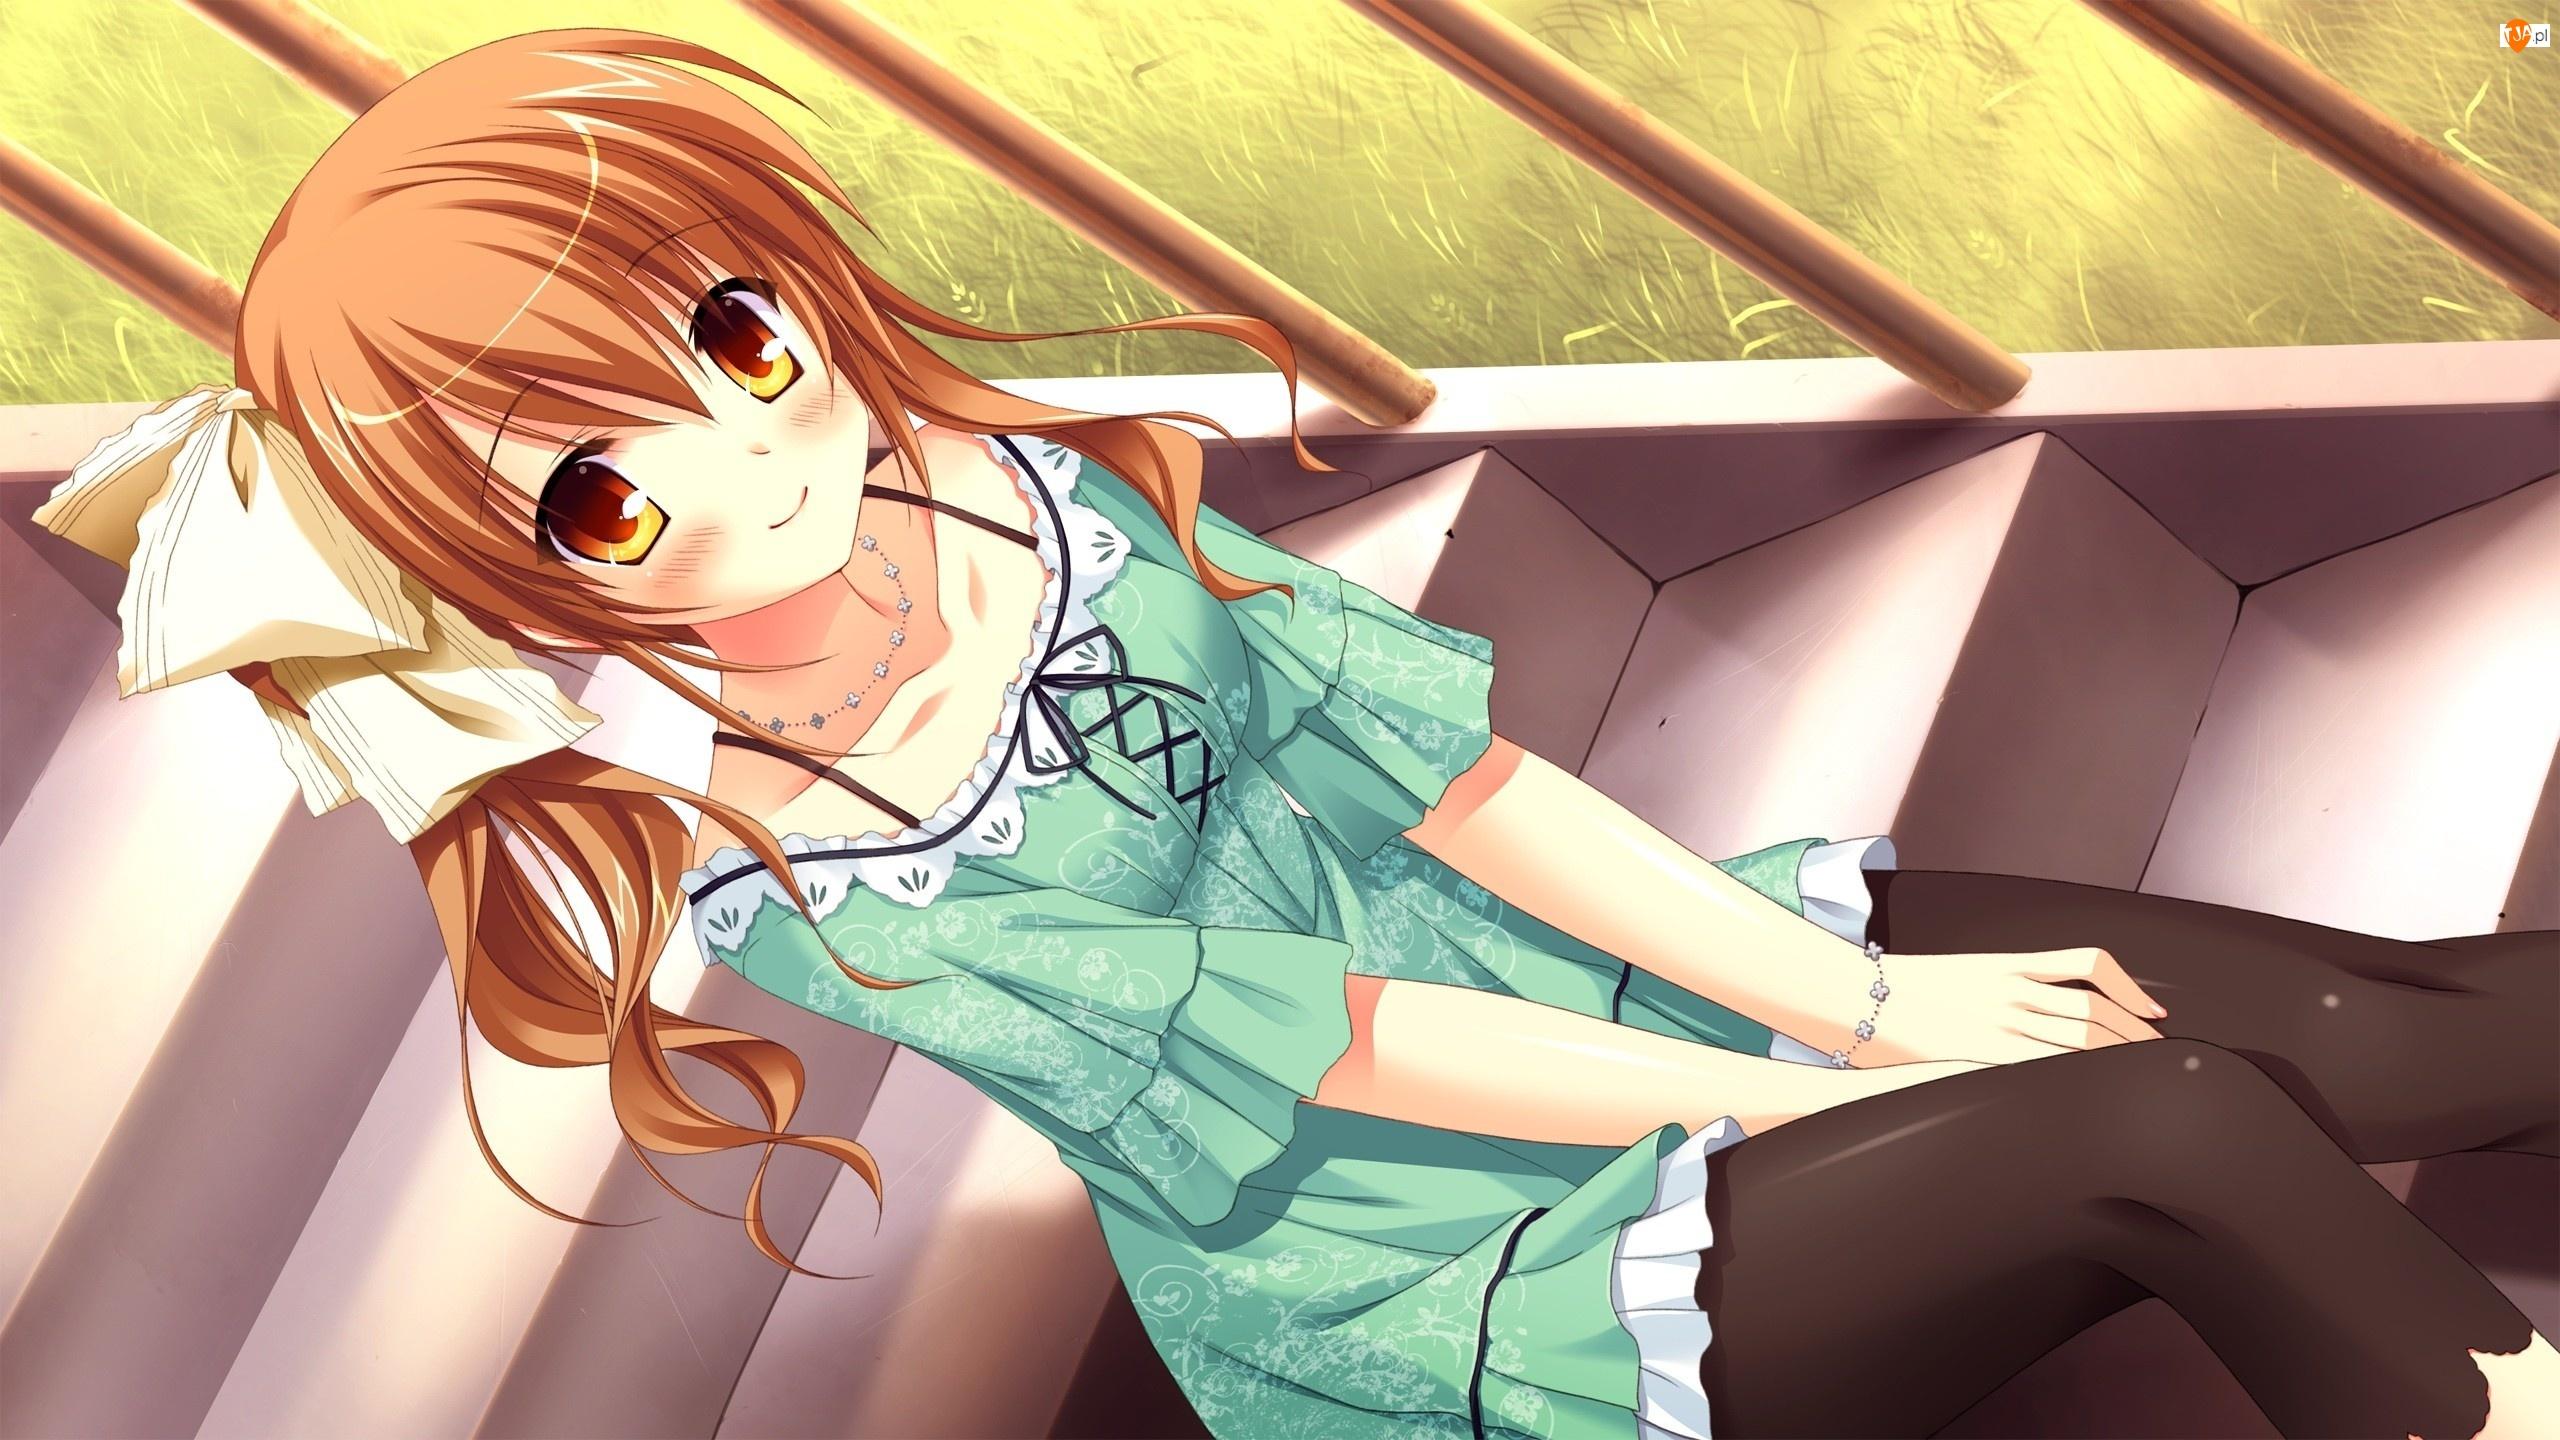 Dziewczyna, Anime, Schody, Manga